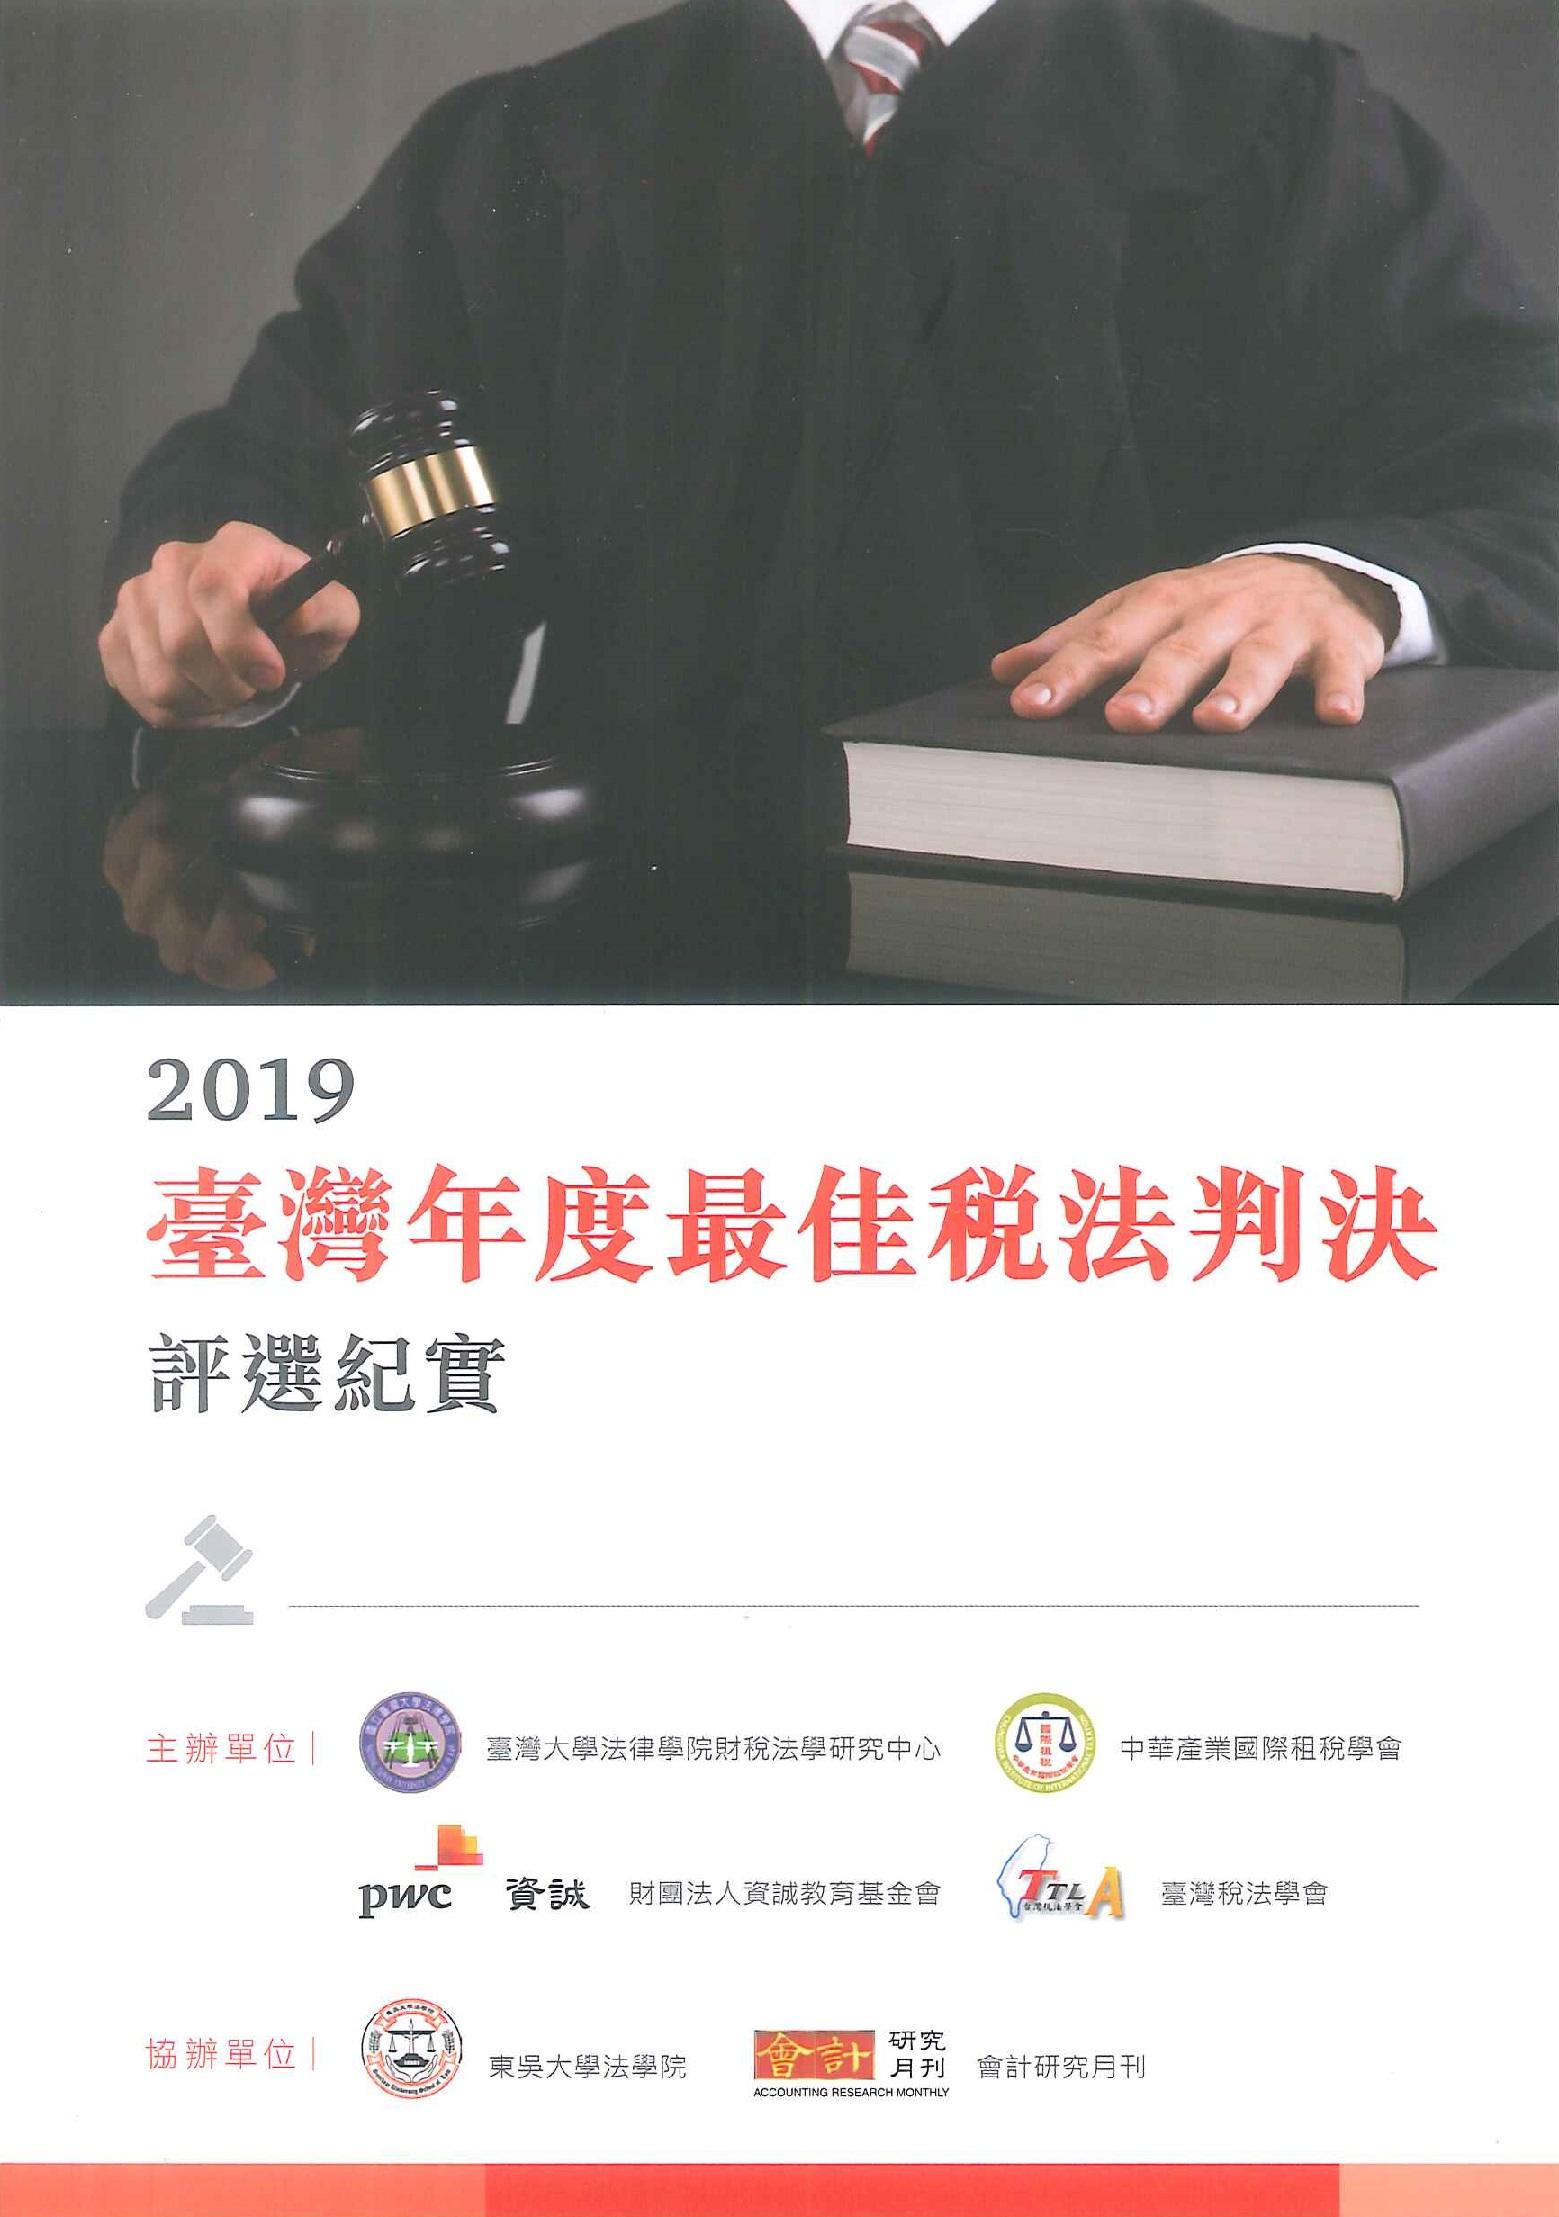 臺灣年度最佳稅法判決:評選記實